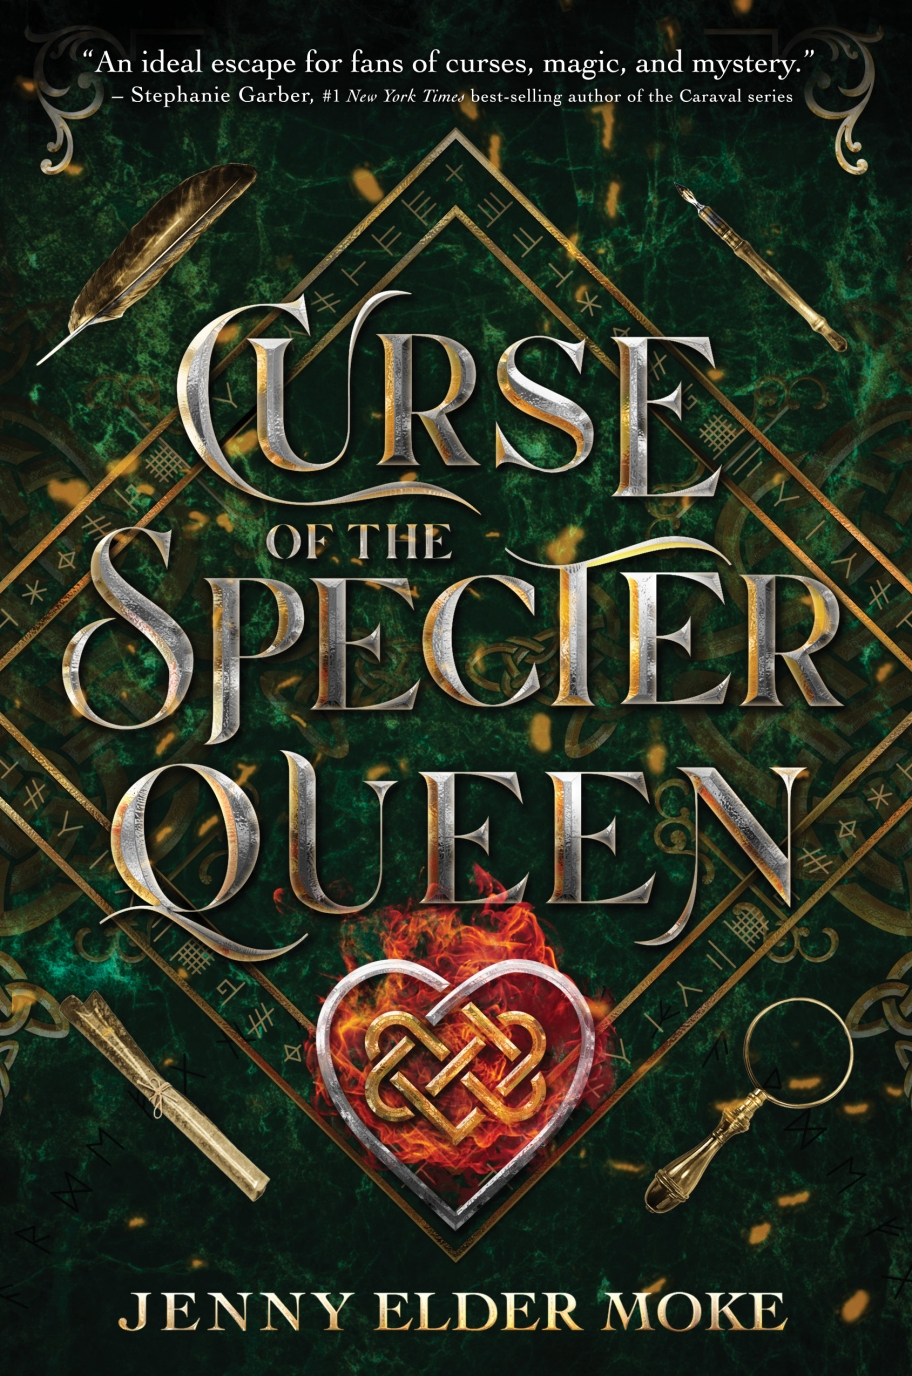 Curse of the Specter Queen by Jenny Elder Moke